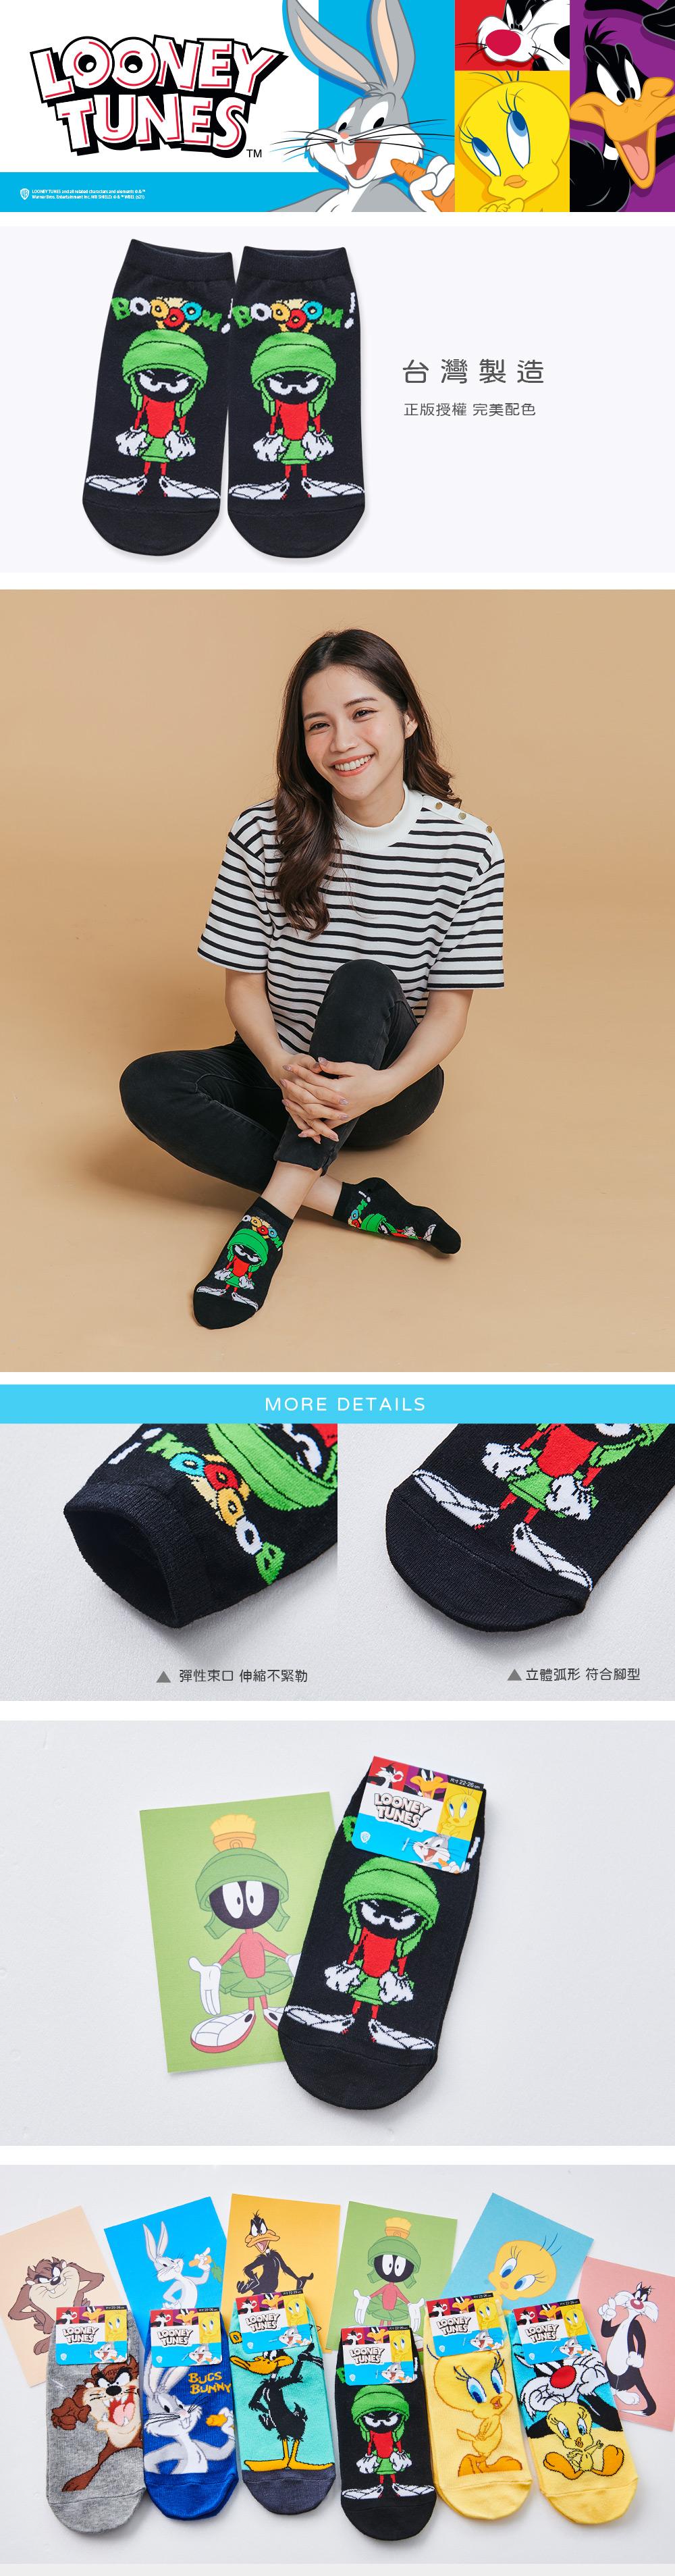 樂一通系列直版襪-05